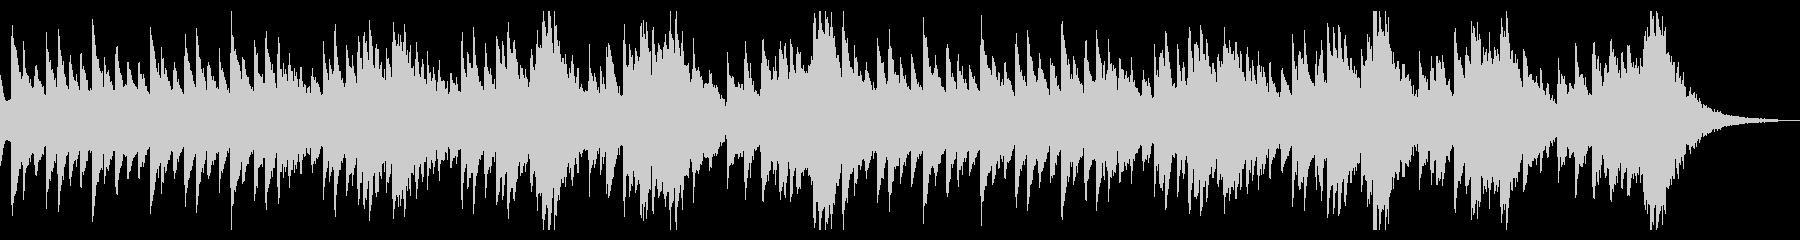 ホラーな雰囲気のオルゴール BGMの未再生の波形